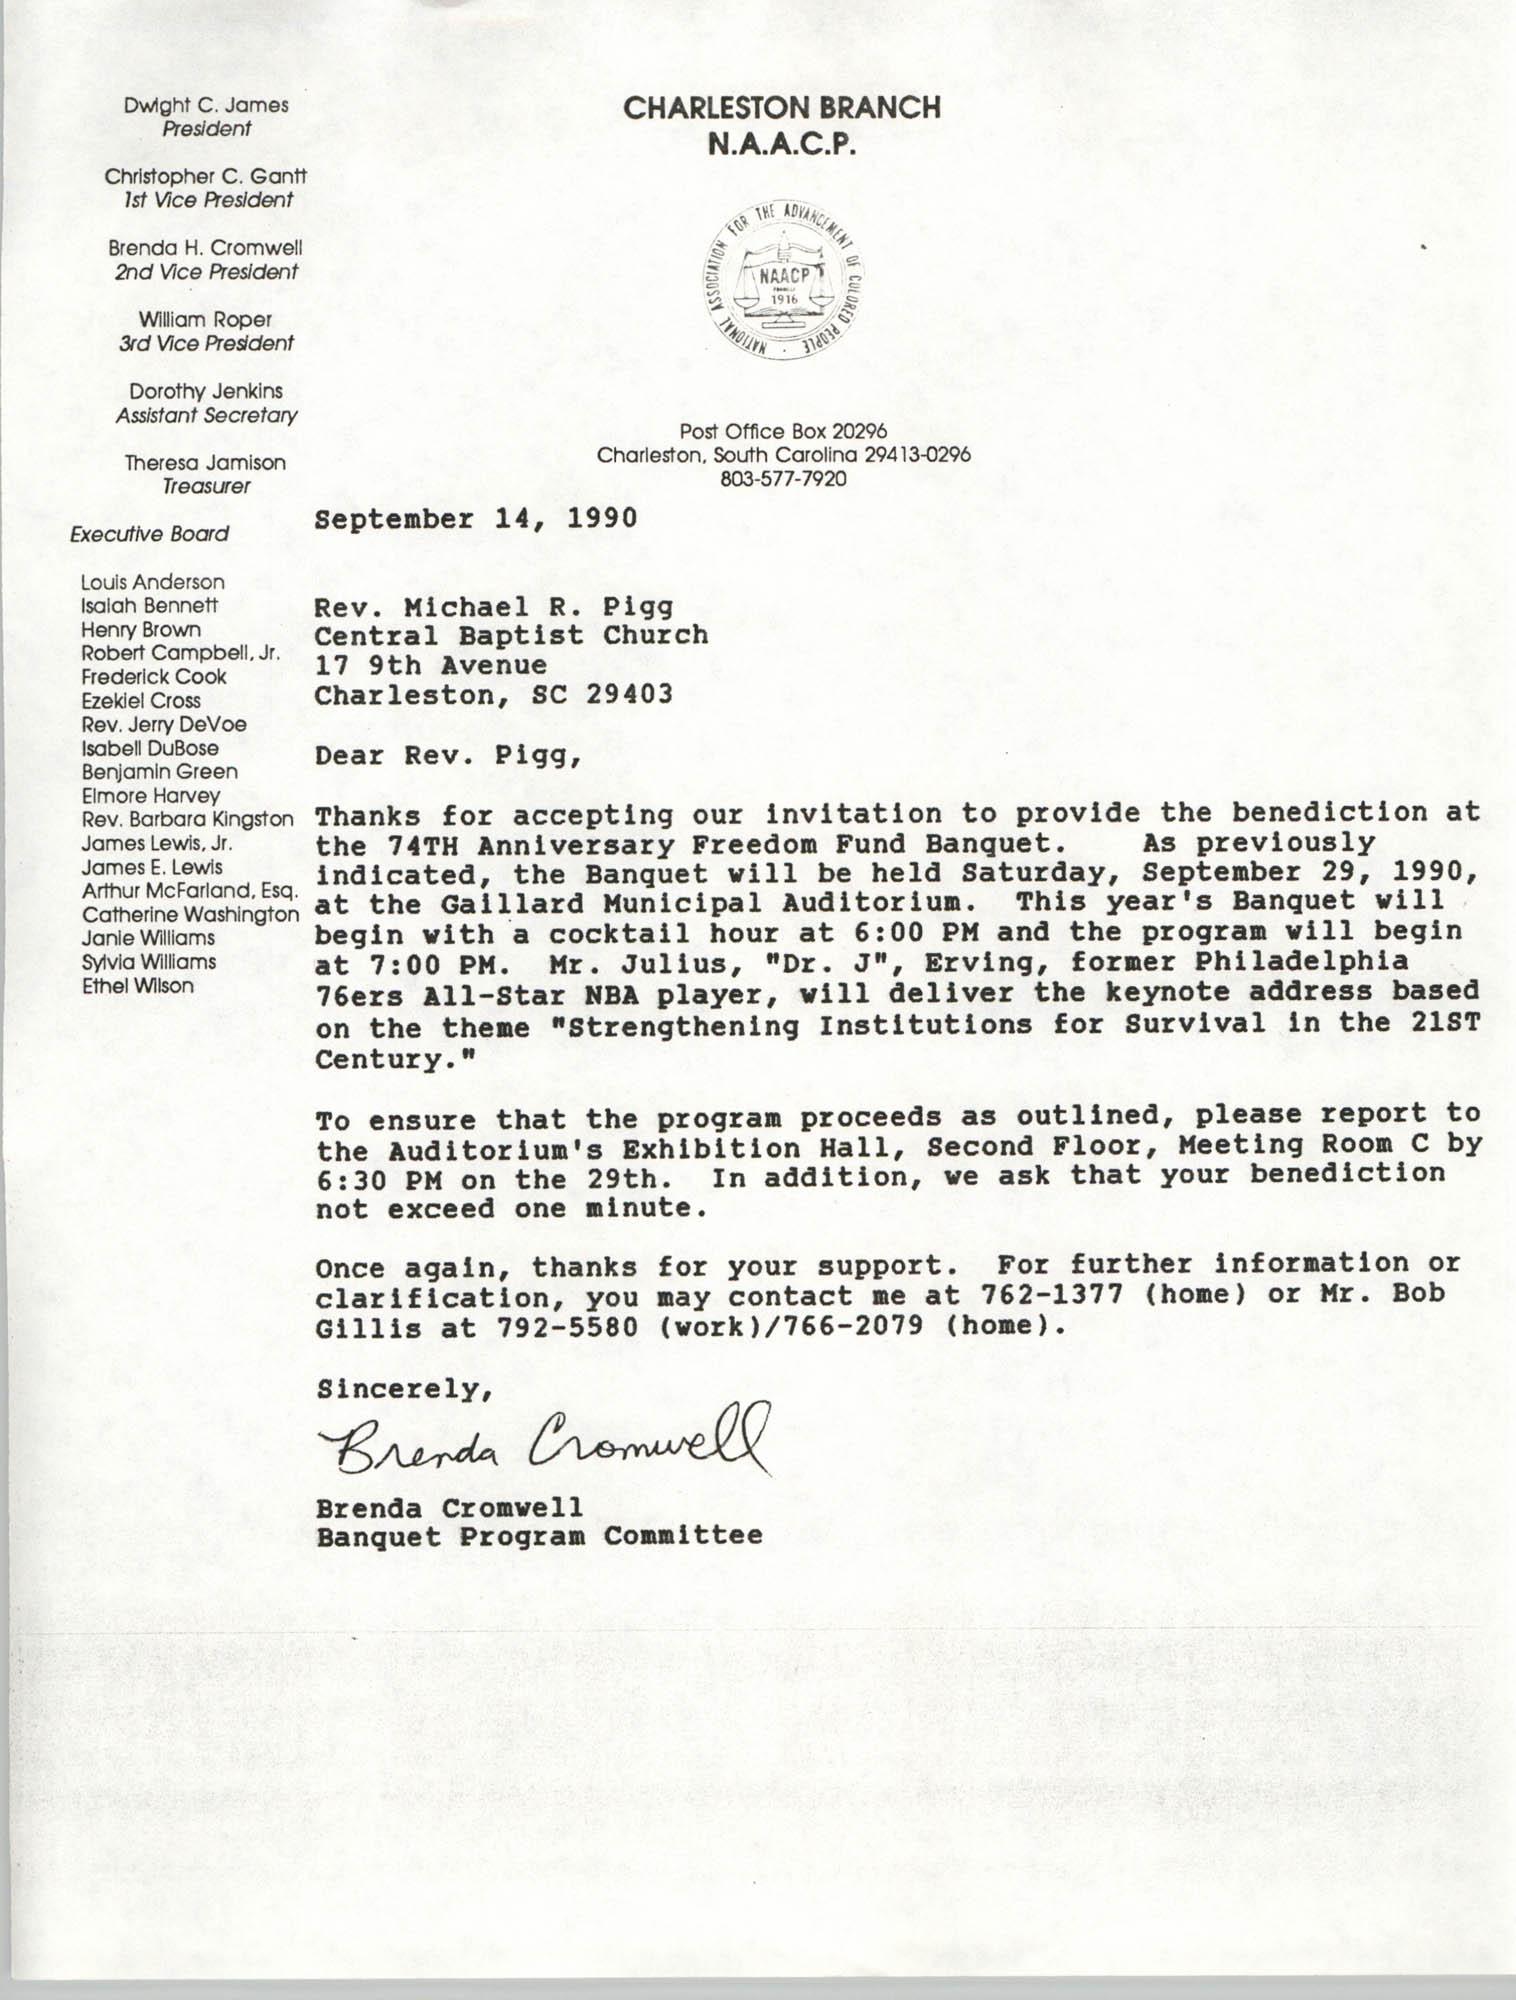 Letter from Brenda Cromwell to Rev. Michael R. Pigg, September 14, 1990